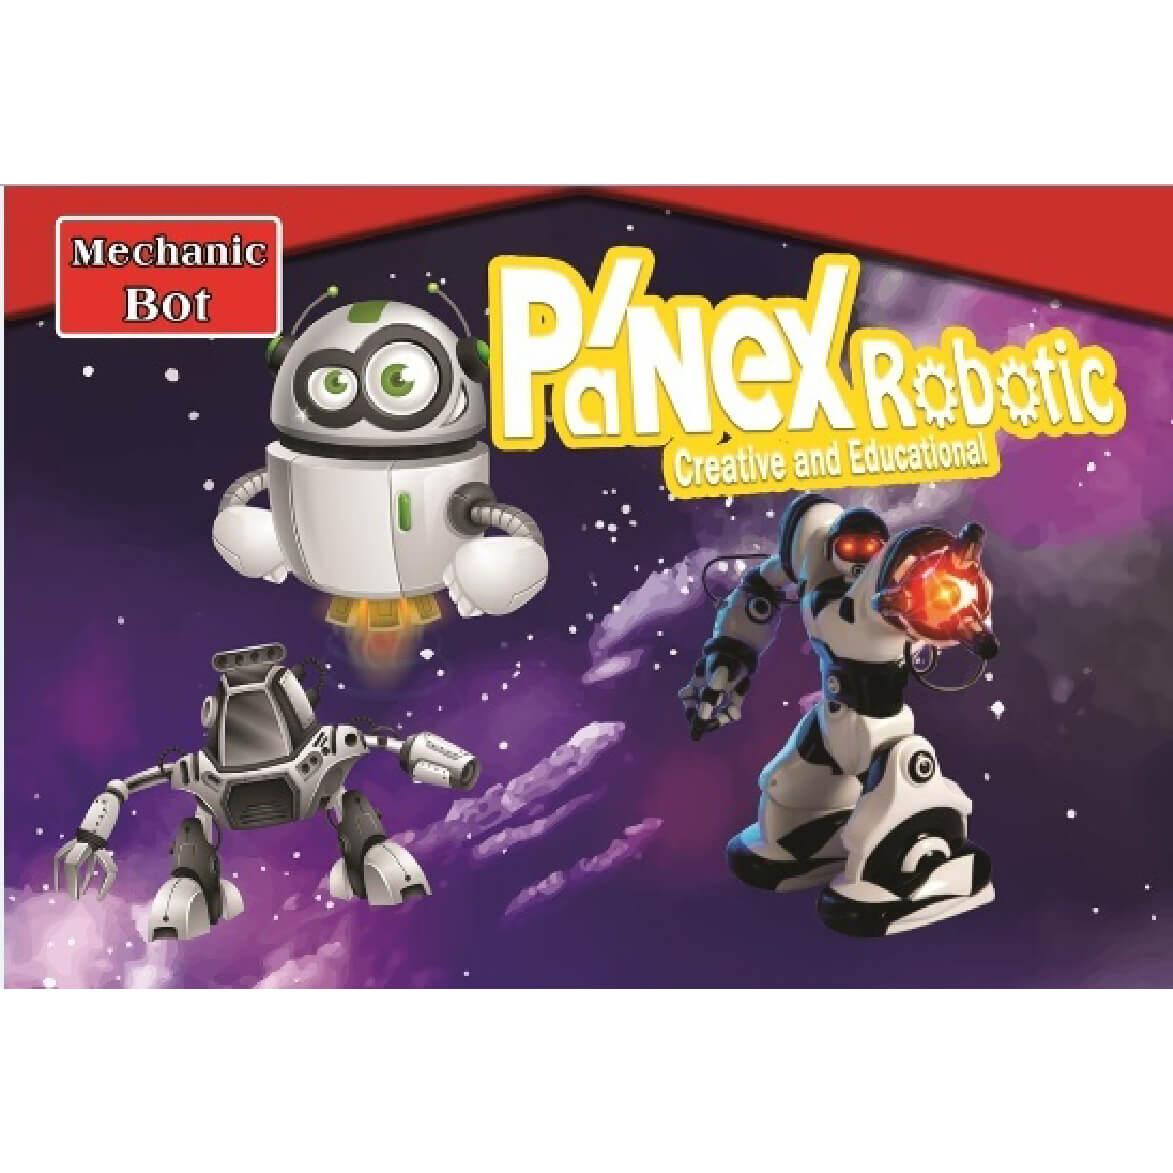 ربات مکانیک بات 1 (به همراه برد تغذیه) پانکس-رباتیک